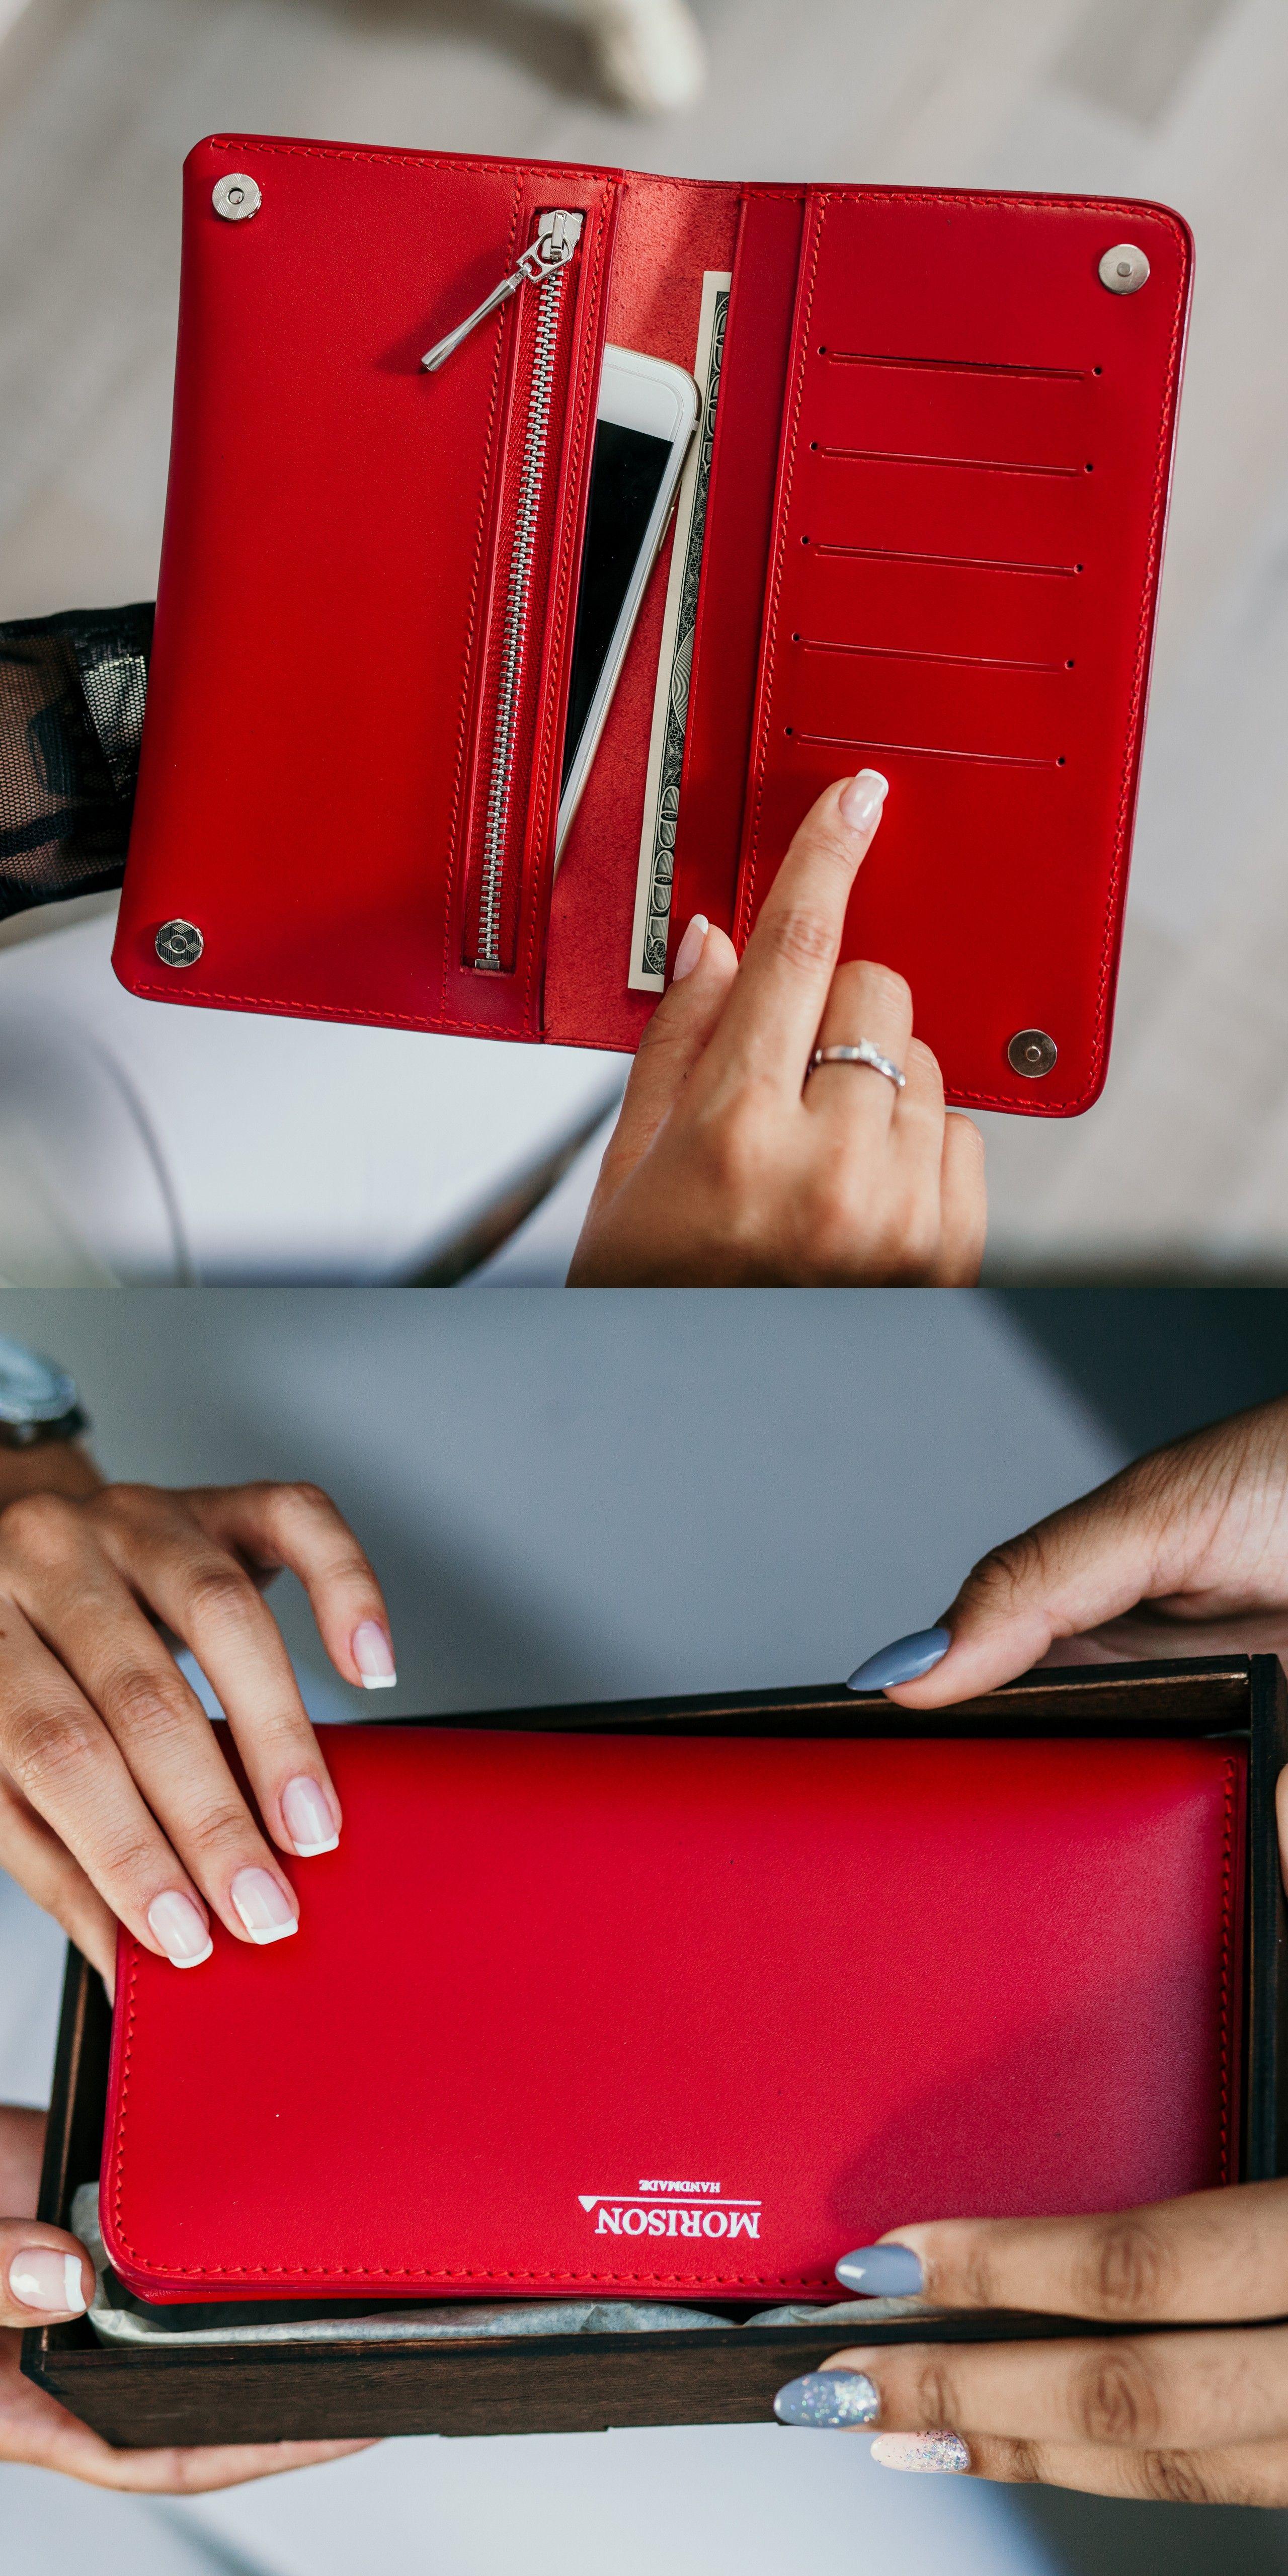 Engraving red wallet Custom womens wallet Leather womens wallet Long womens wallet  Wallet for mom Red leather wallet Personalized wallet in 2020 | Wallets for  women leather, Wallets for women, Leather wallet